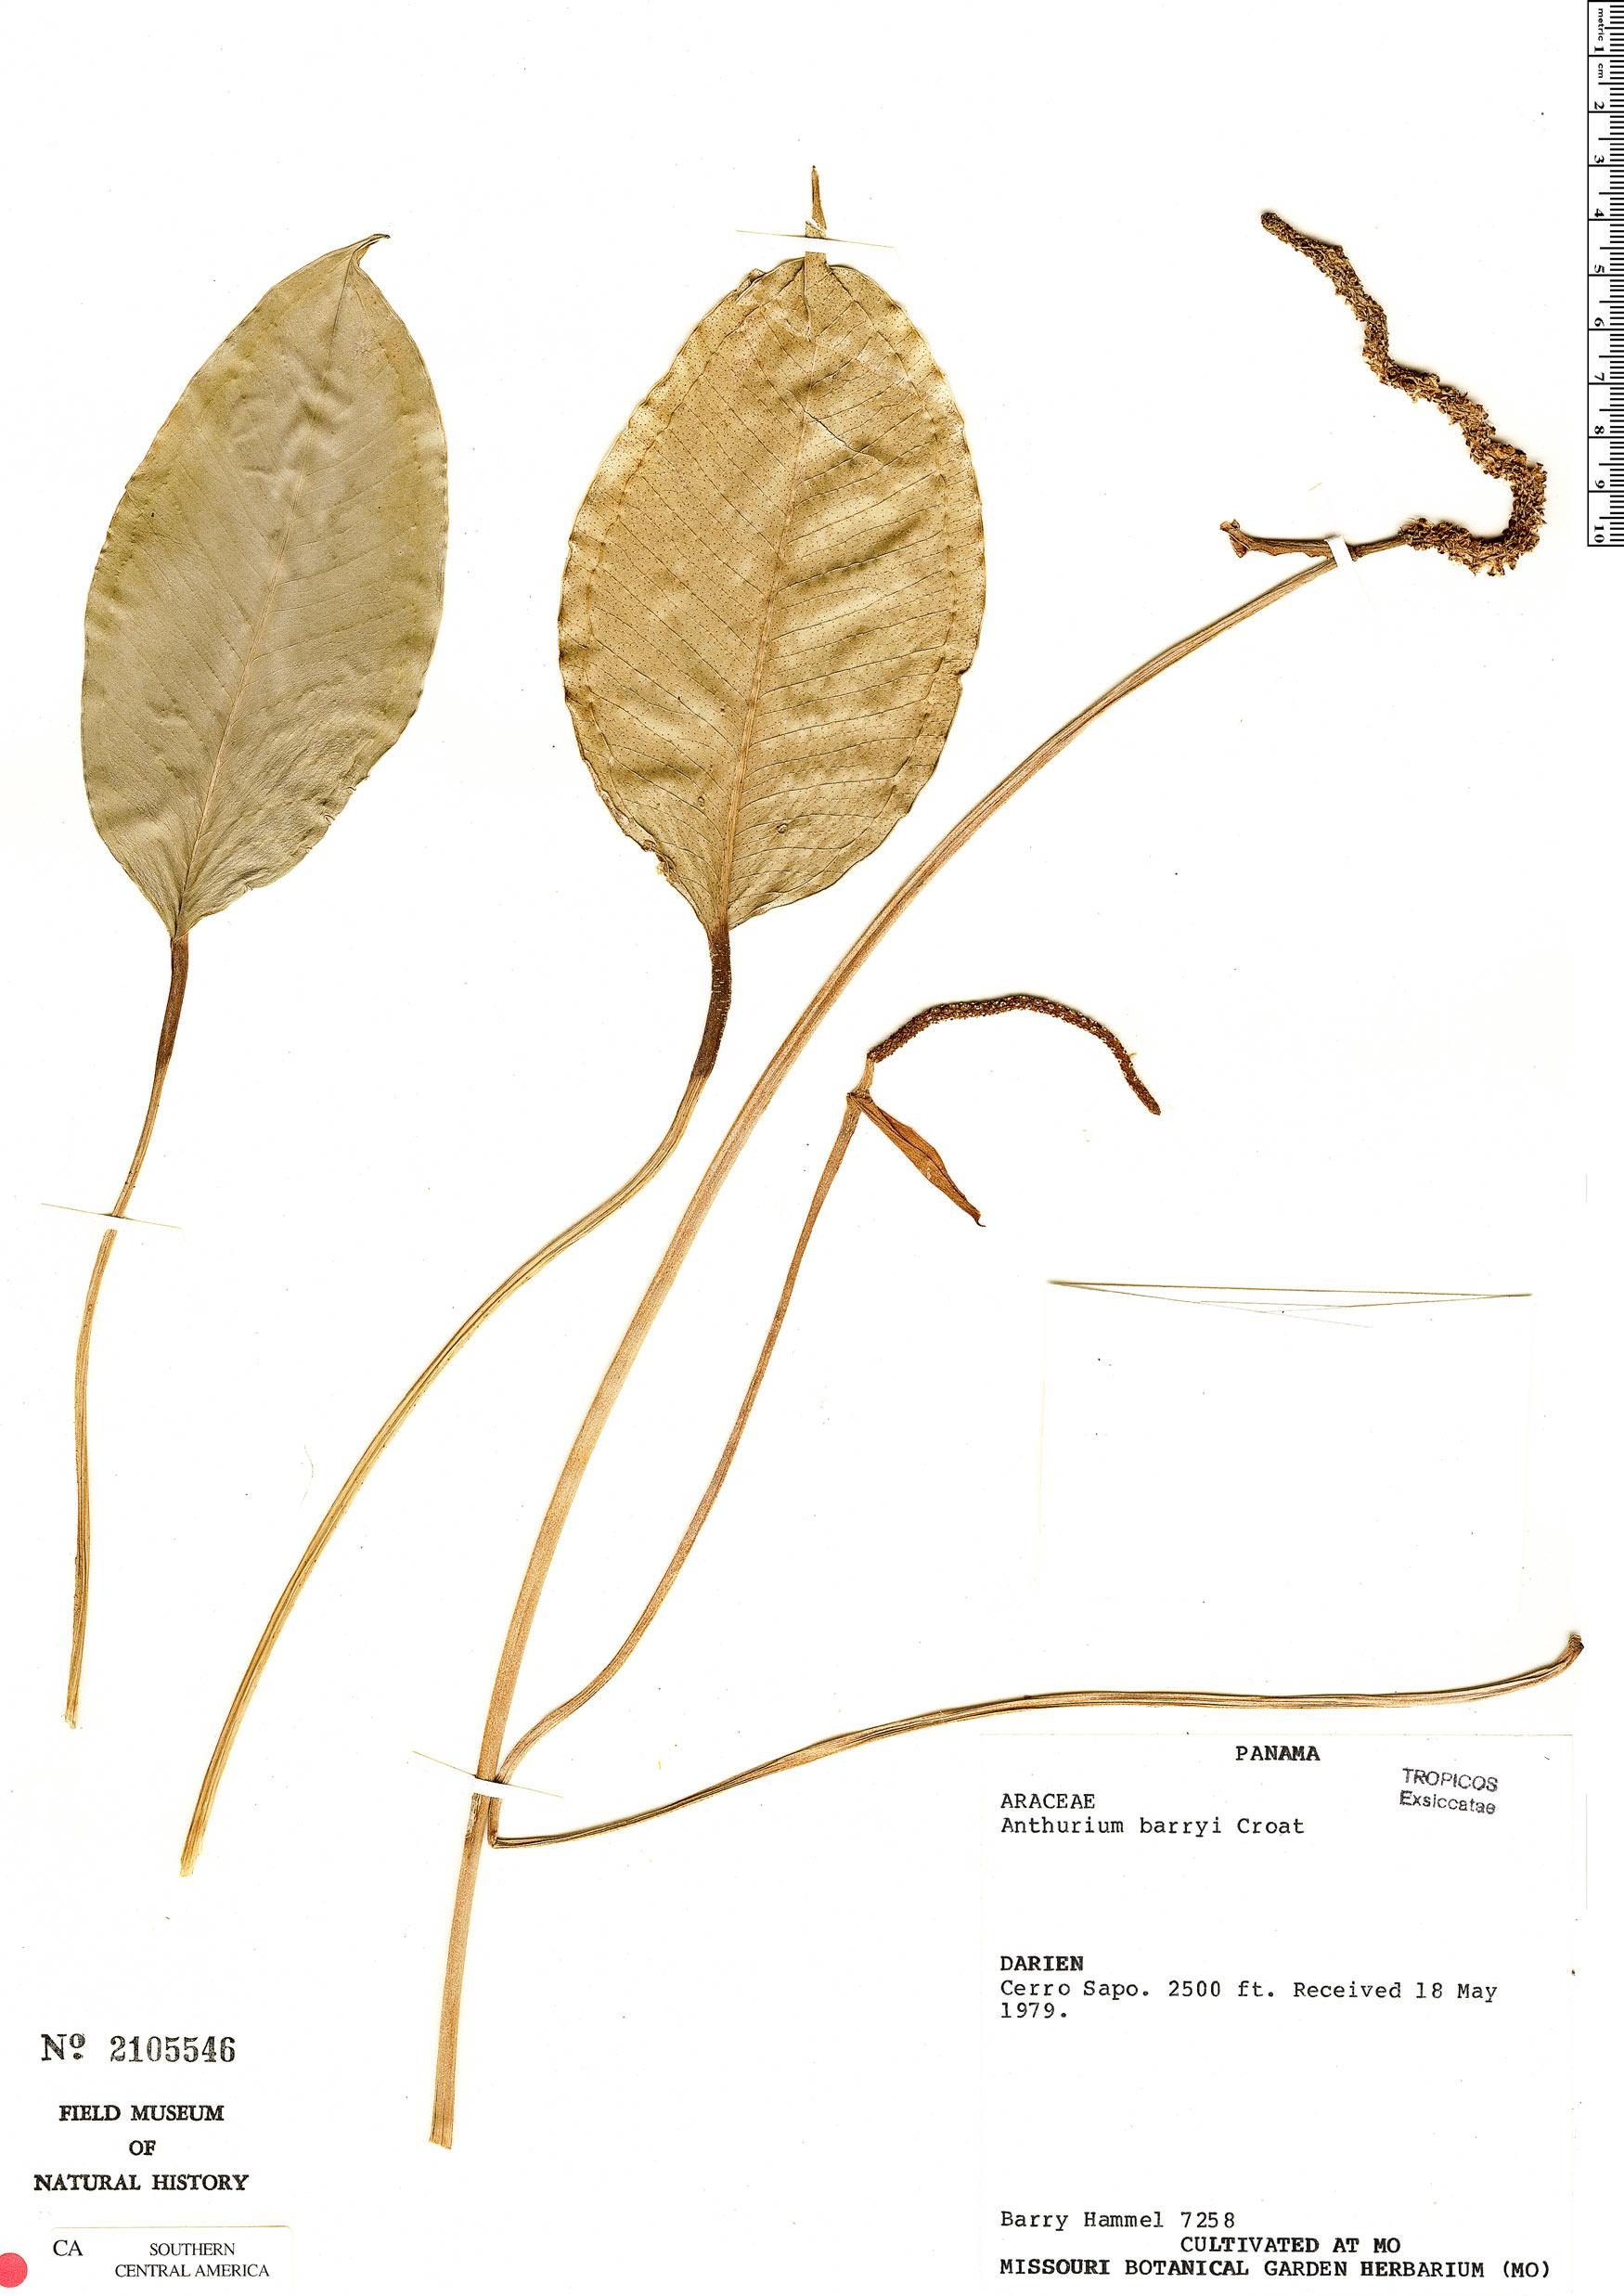 Specimen: Anthurium barryi